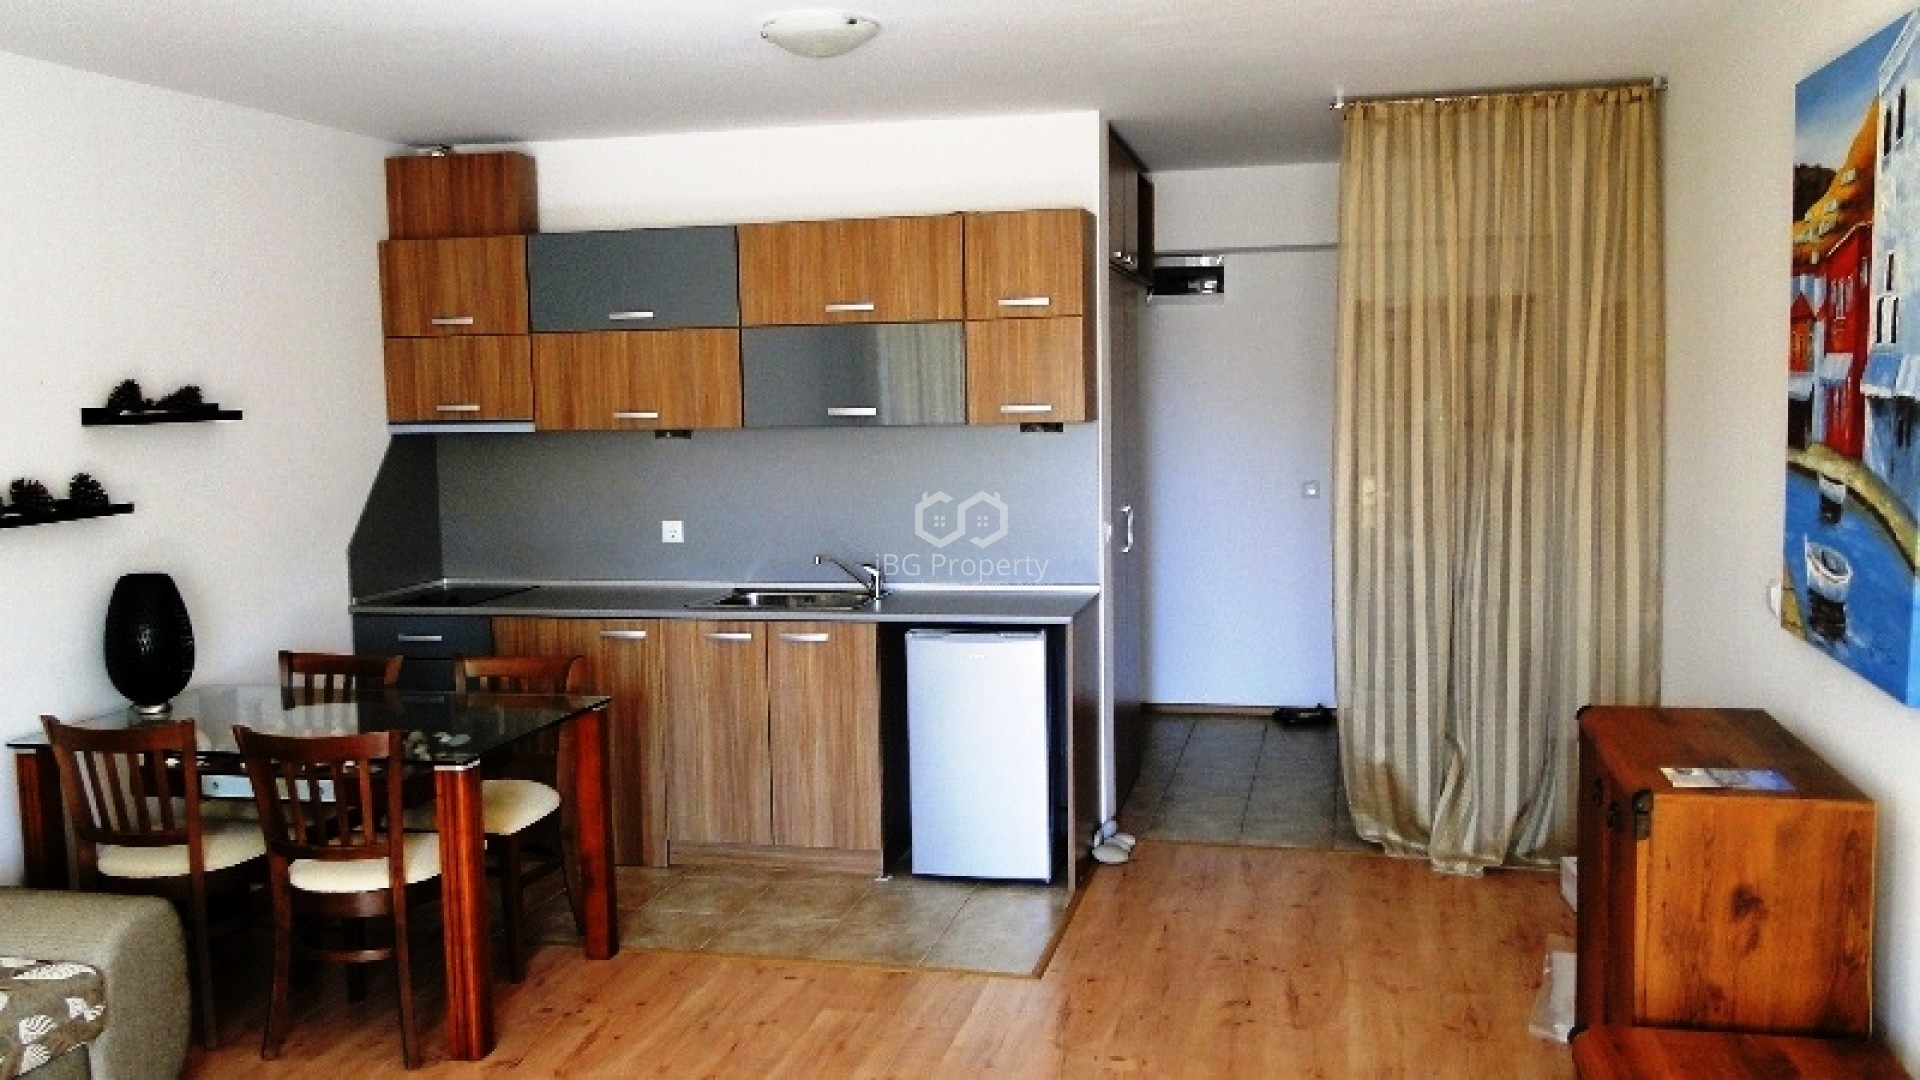 Eдностаен апартамент Бяла  50 m2